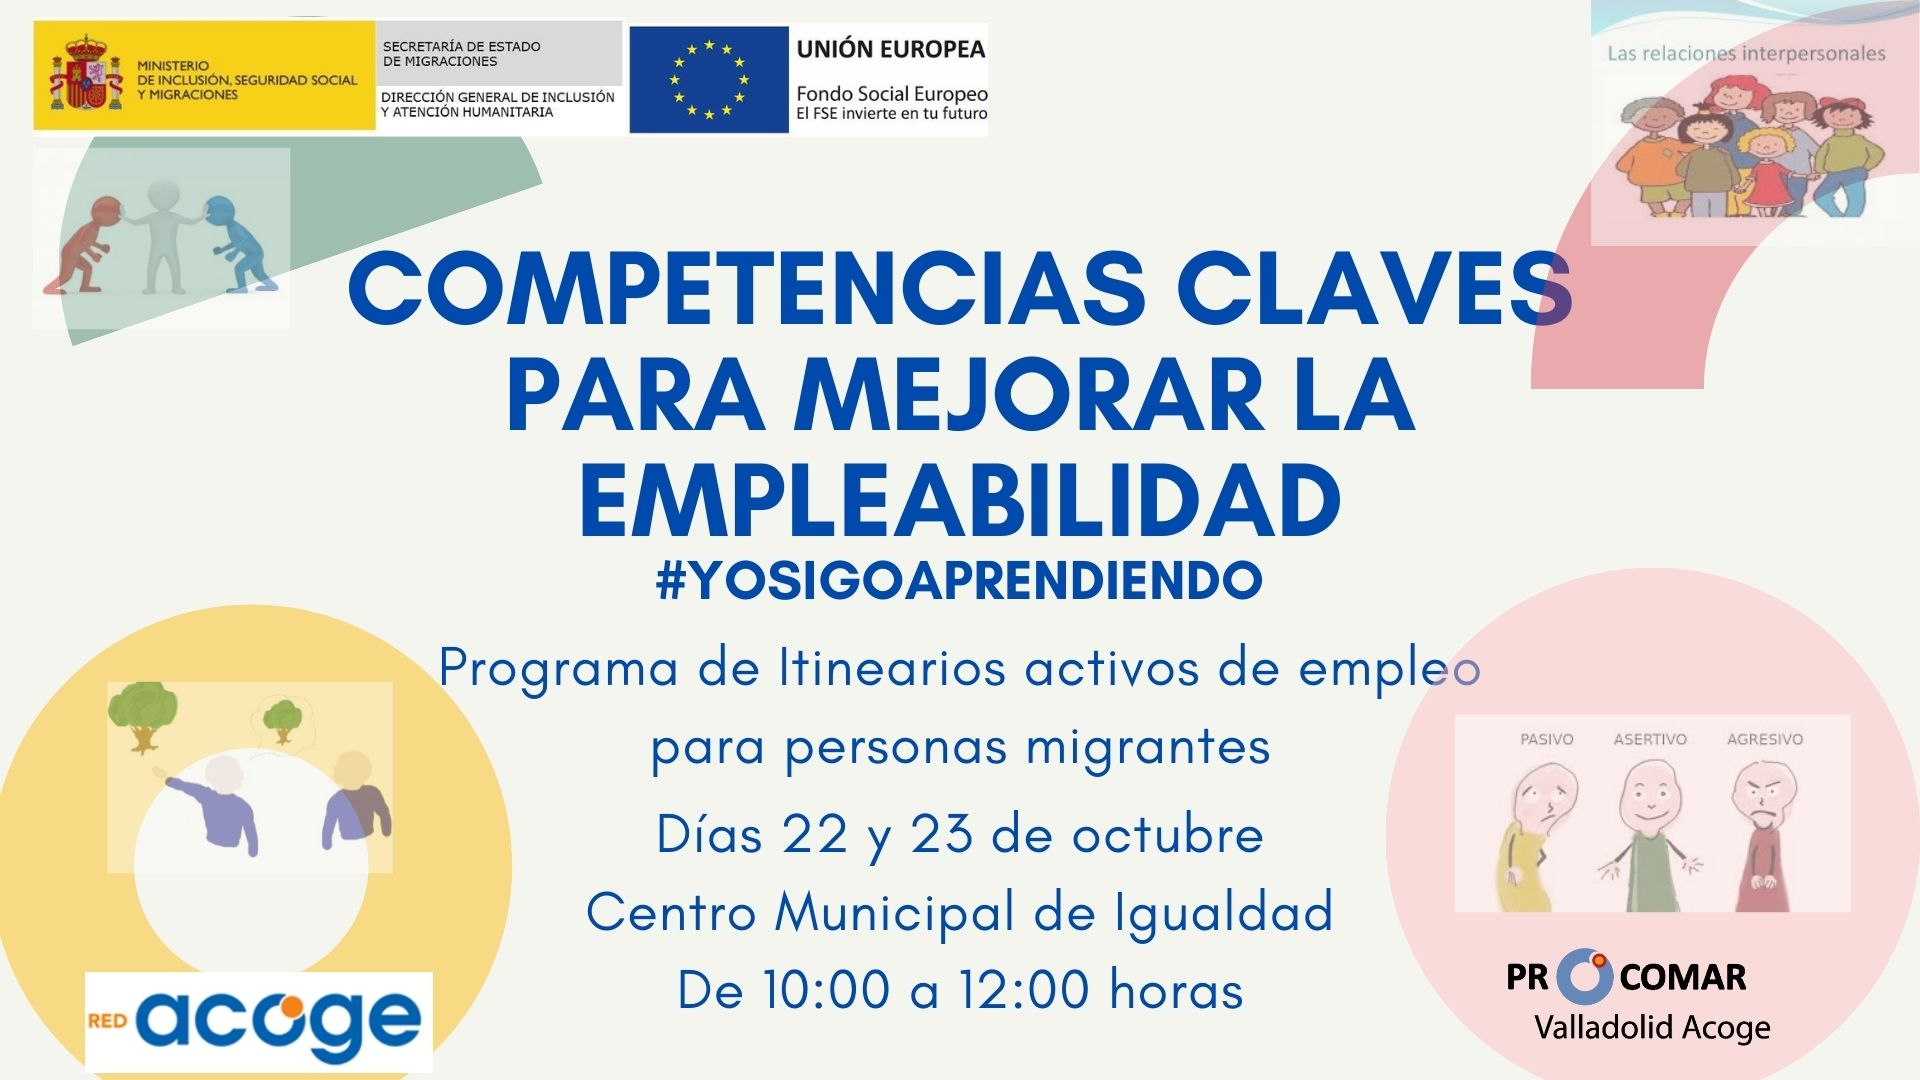 COMPETENCIAS CLAVES PARA MEJORAR LA EMPLEABILIDAD_octubre 2020